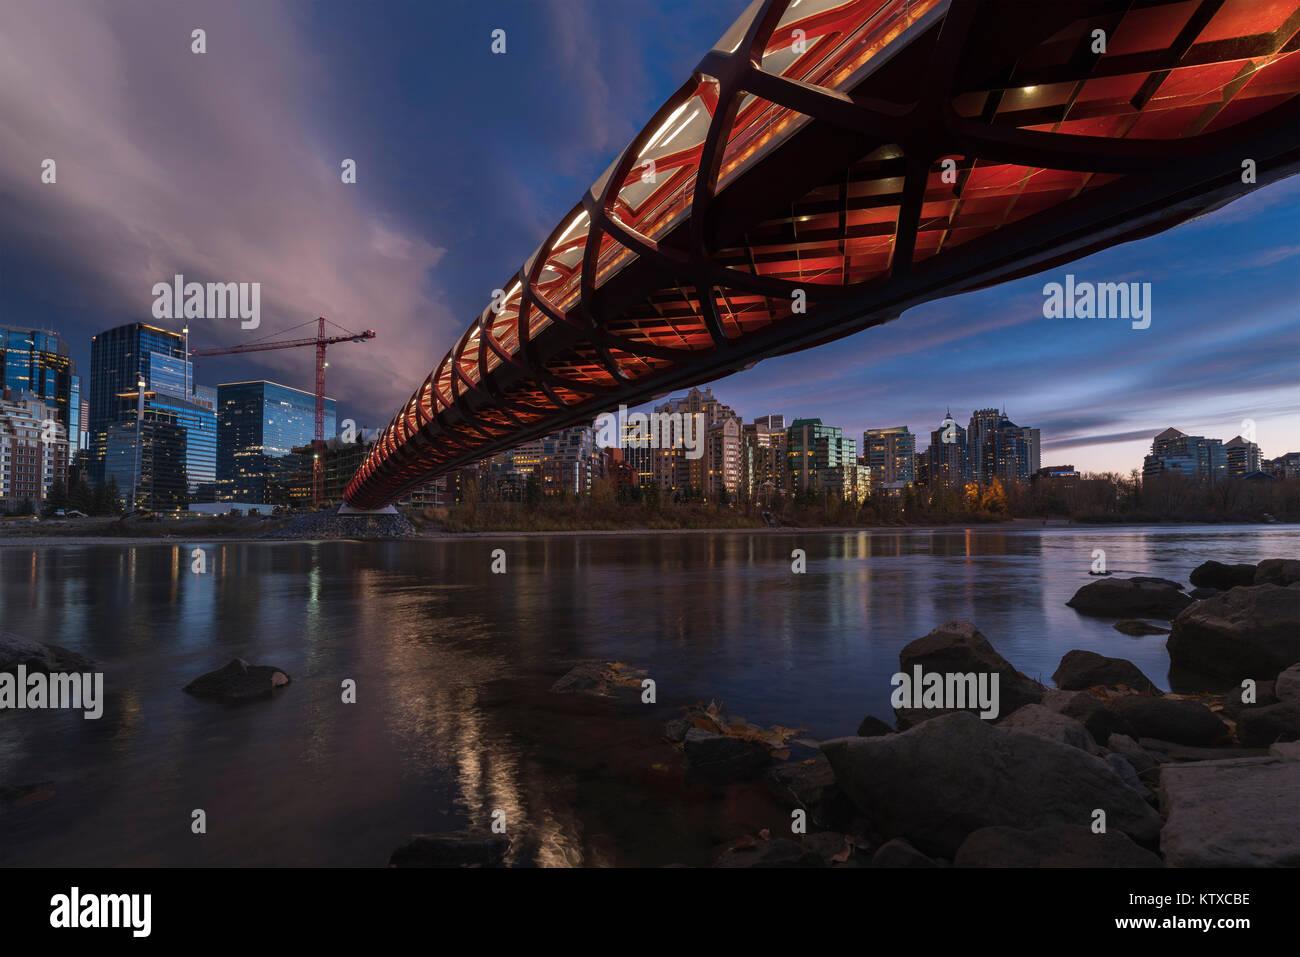 Calgary cityscape con ponte di pace, Calgary, Alberta, Canada, America del Nord Immagini Stock